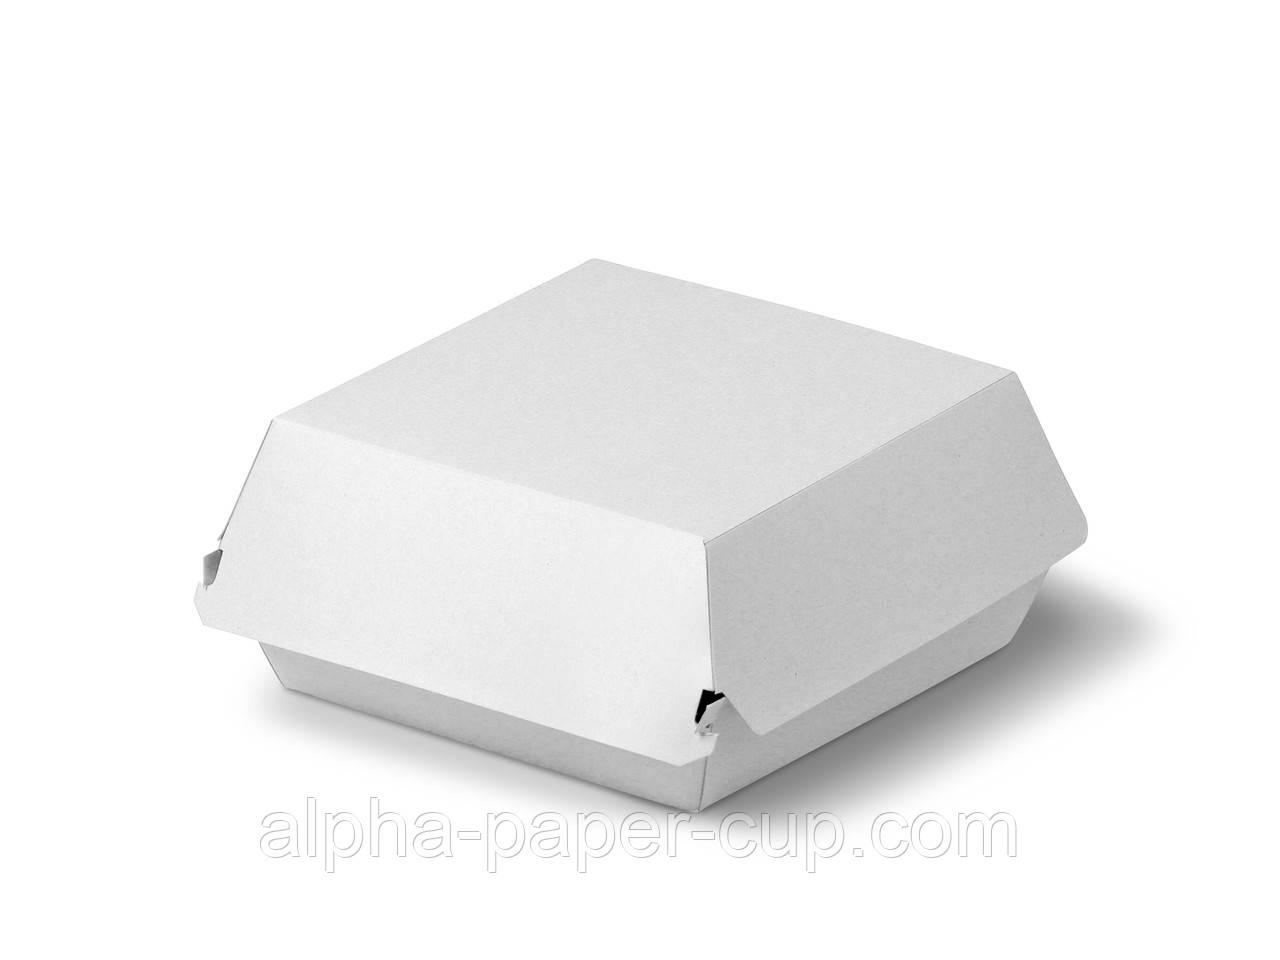 Упаковка гамбургер Midi 110*110*80 белая, 100 шт/уп, 10 уп/ящ.